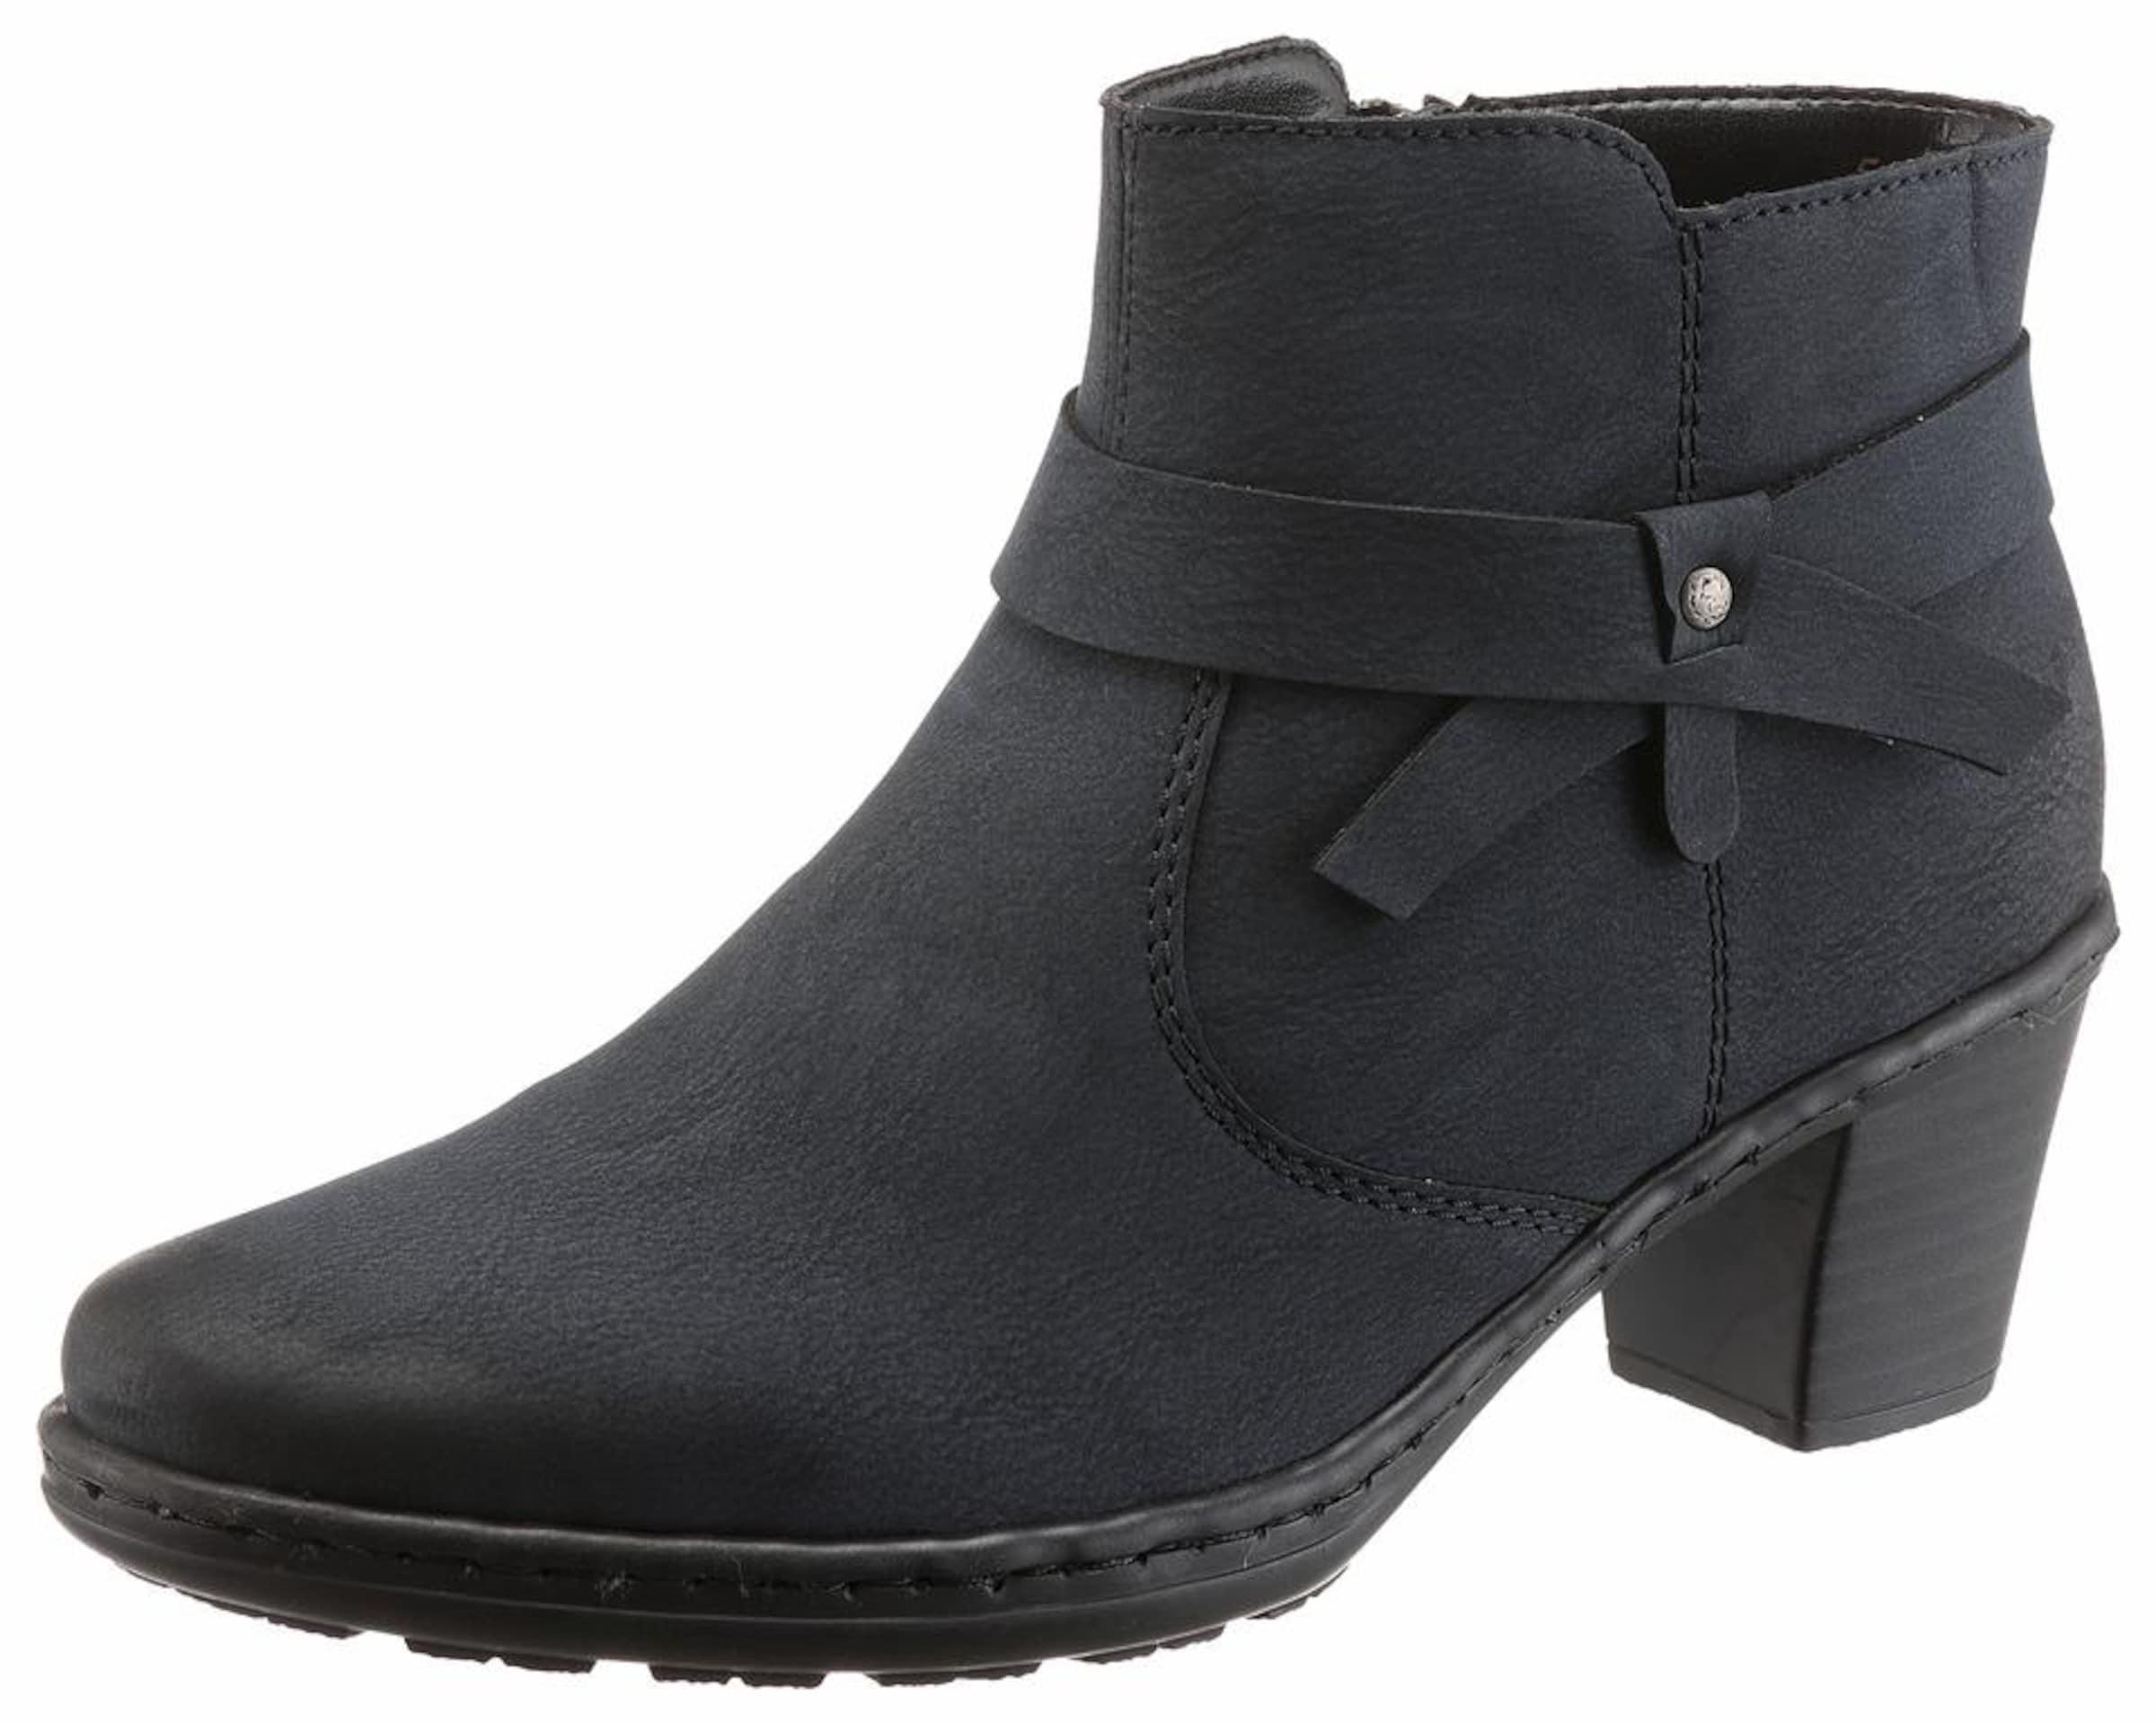 RIEKER Winterstiefelette Verschleißfeste billige Schuhe Hohe Qualität